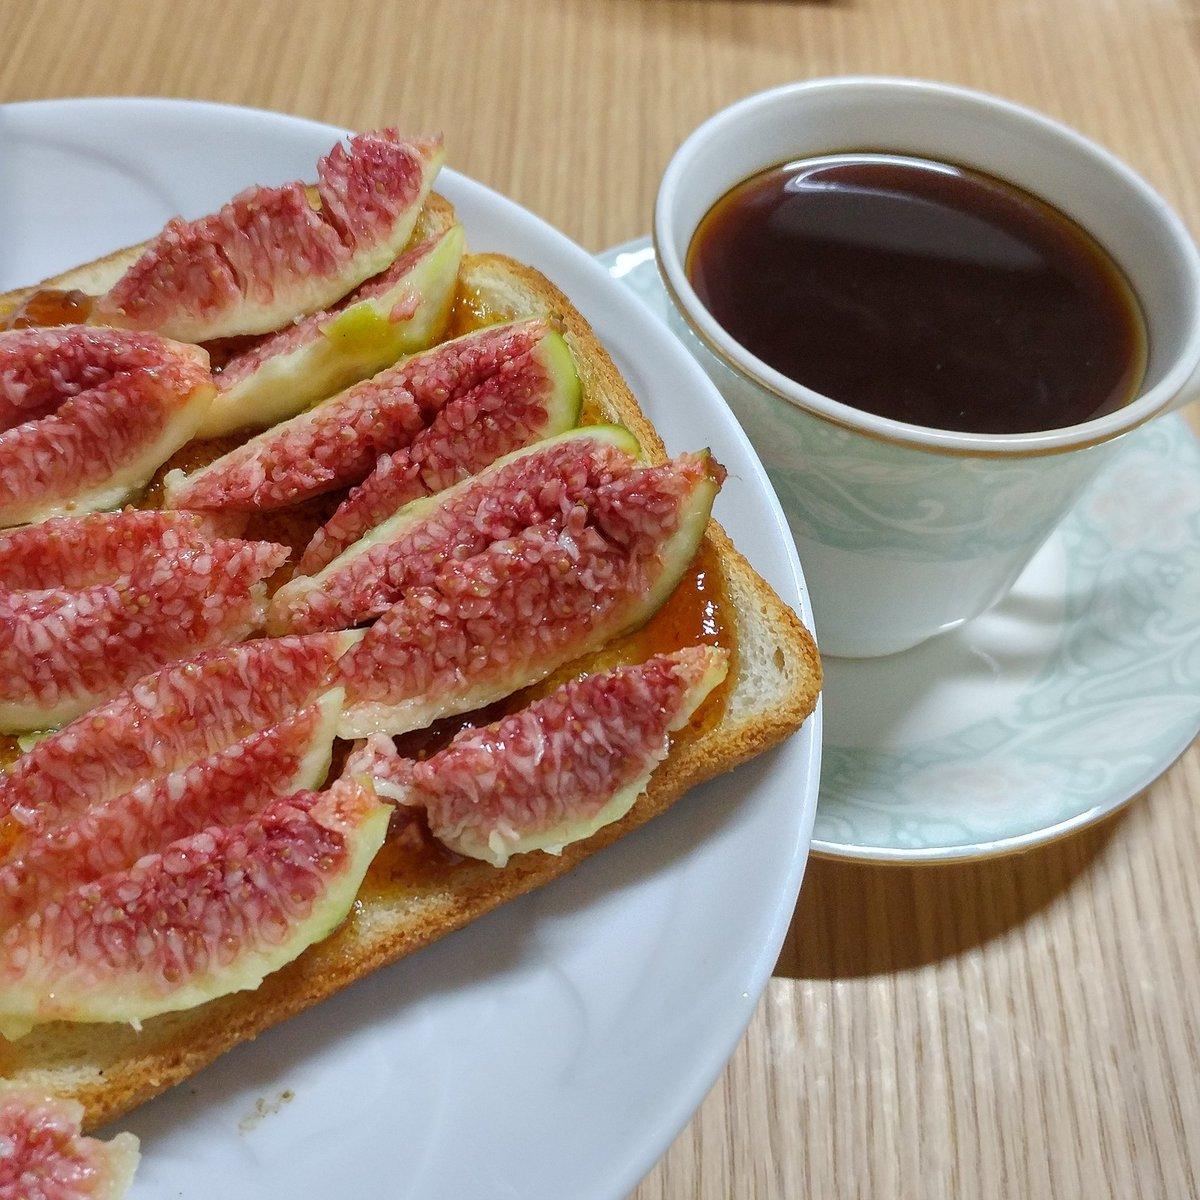 굿모닝! 무화과잼 바른 식빵 위에 무화과 꽉꽉 눌러 담은^^ 커피는 #챔프커프 https://t.co/m0Scq0wqn4